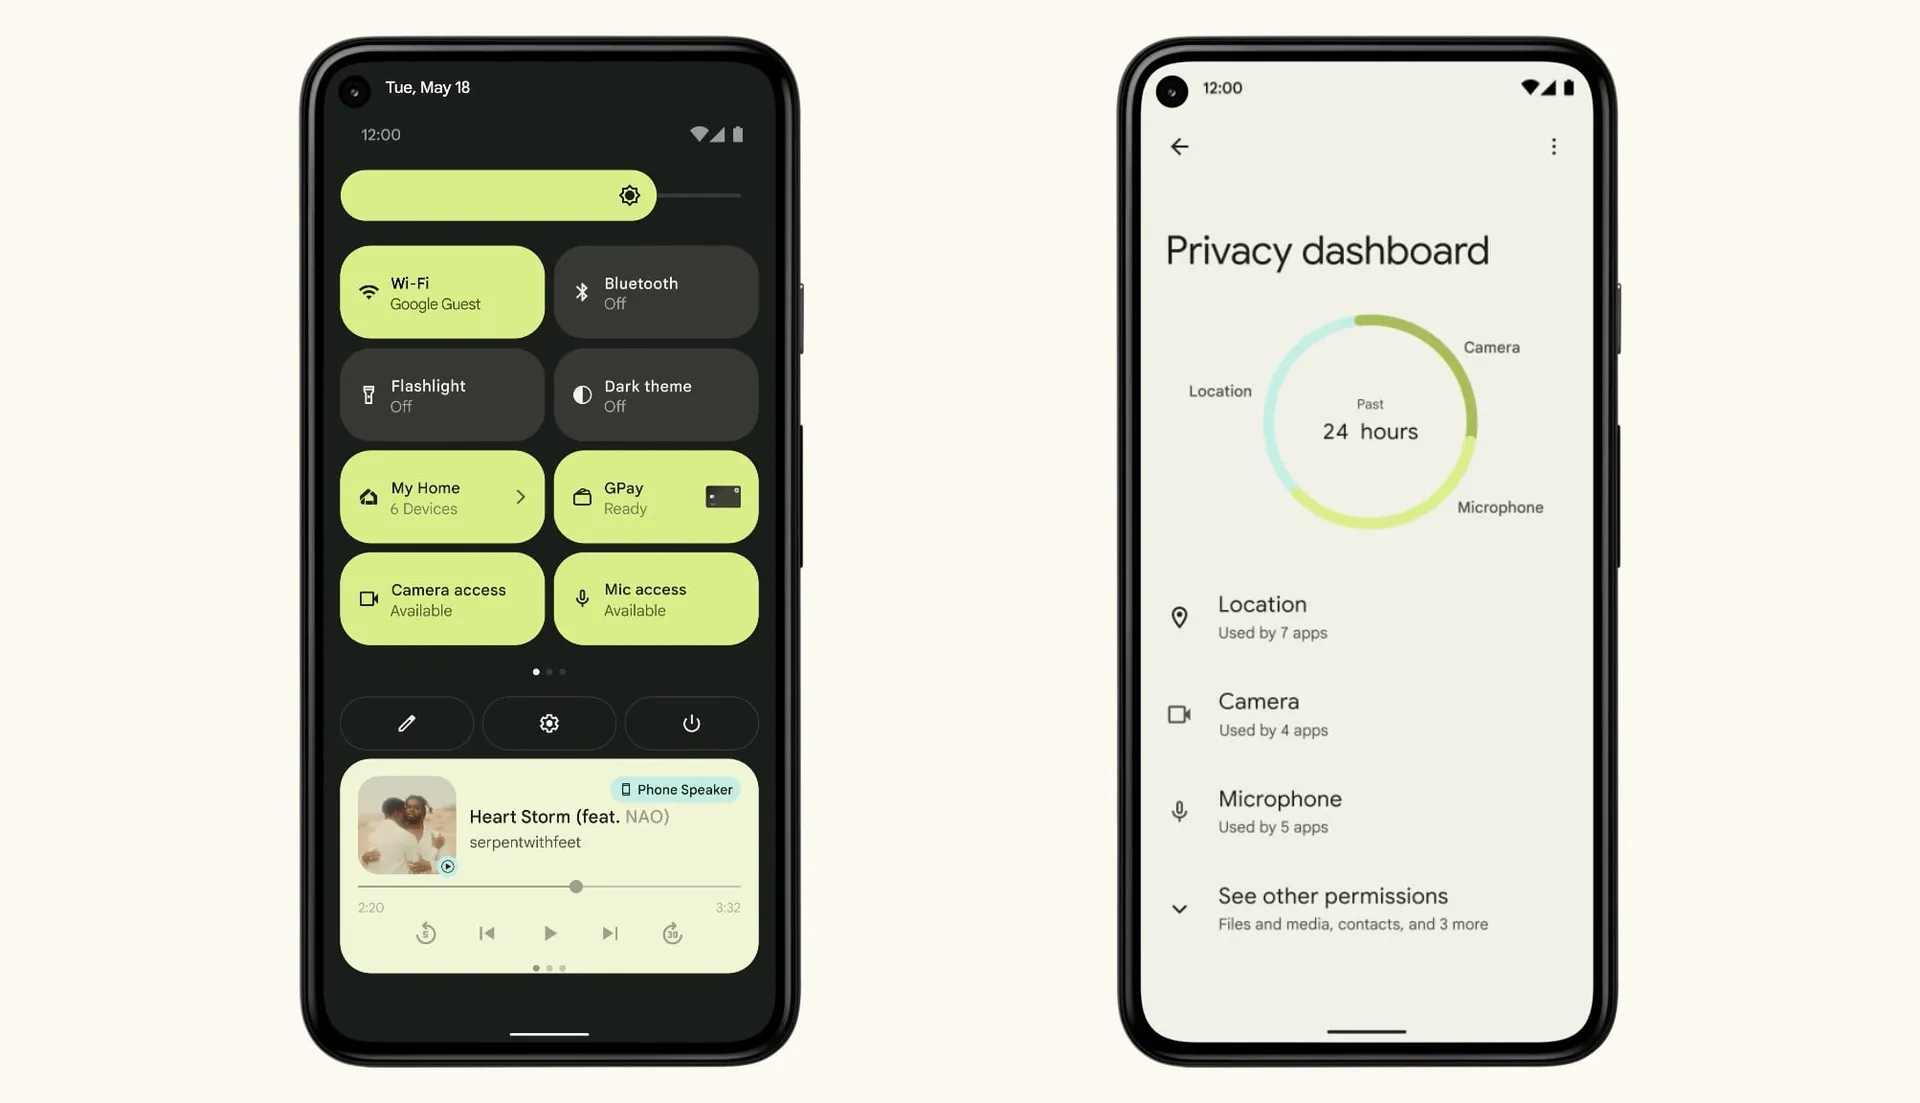 Android 12 : 一次系统更新 + 设计变革 + 权利更迭